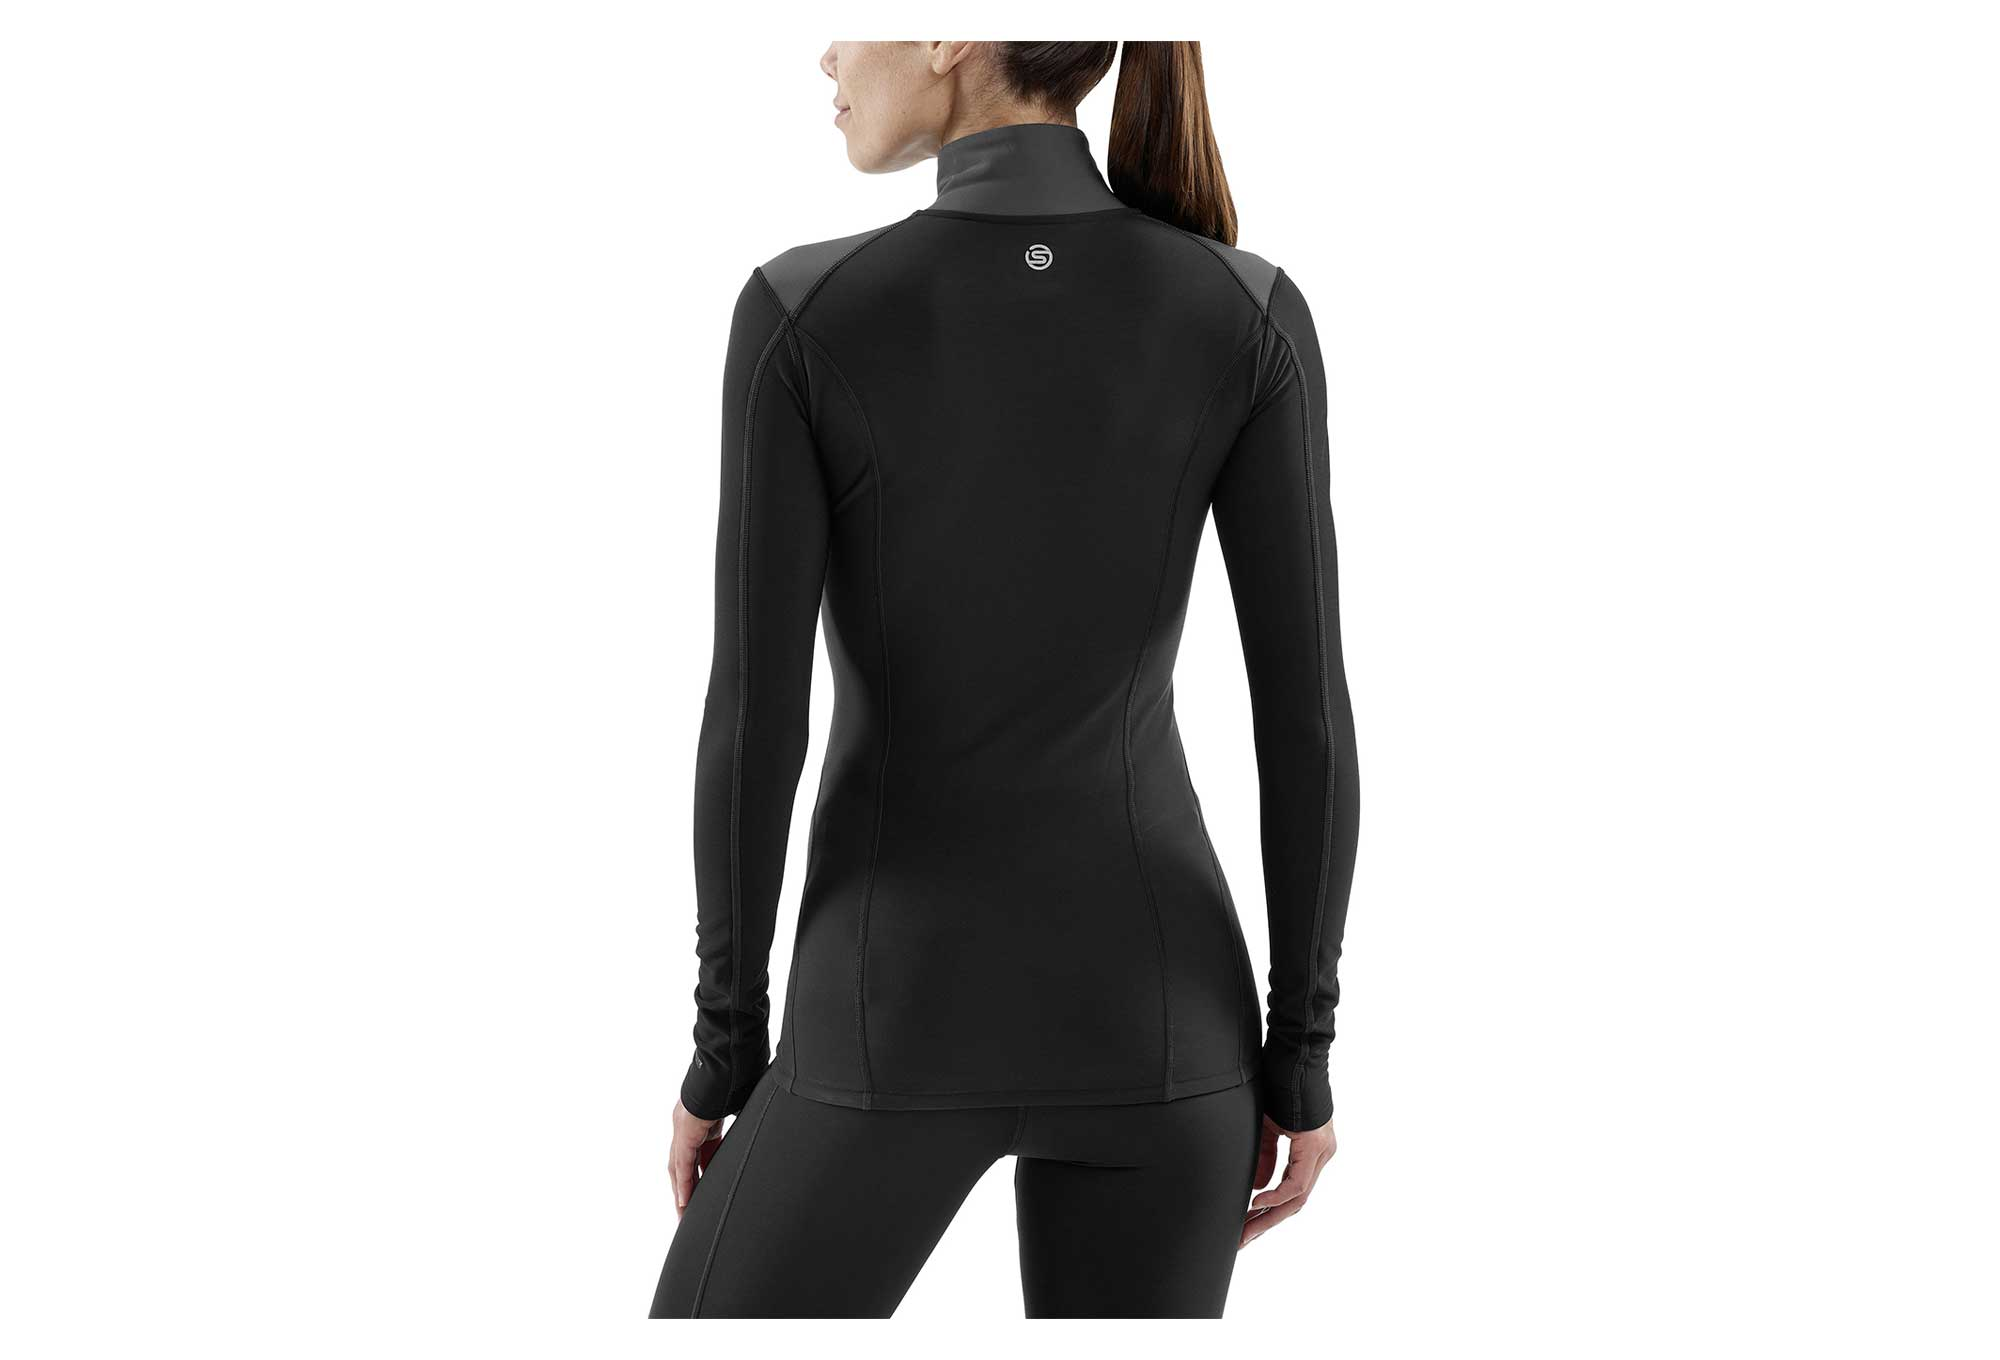 Skins Pull 14 zip DNAmic Thermal Black Women